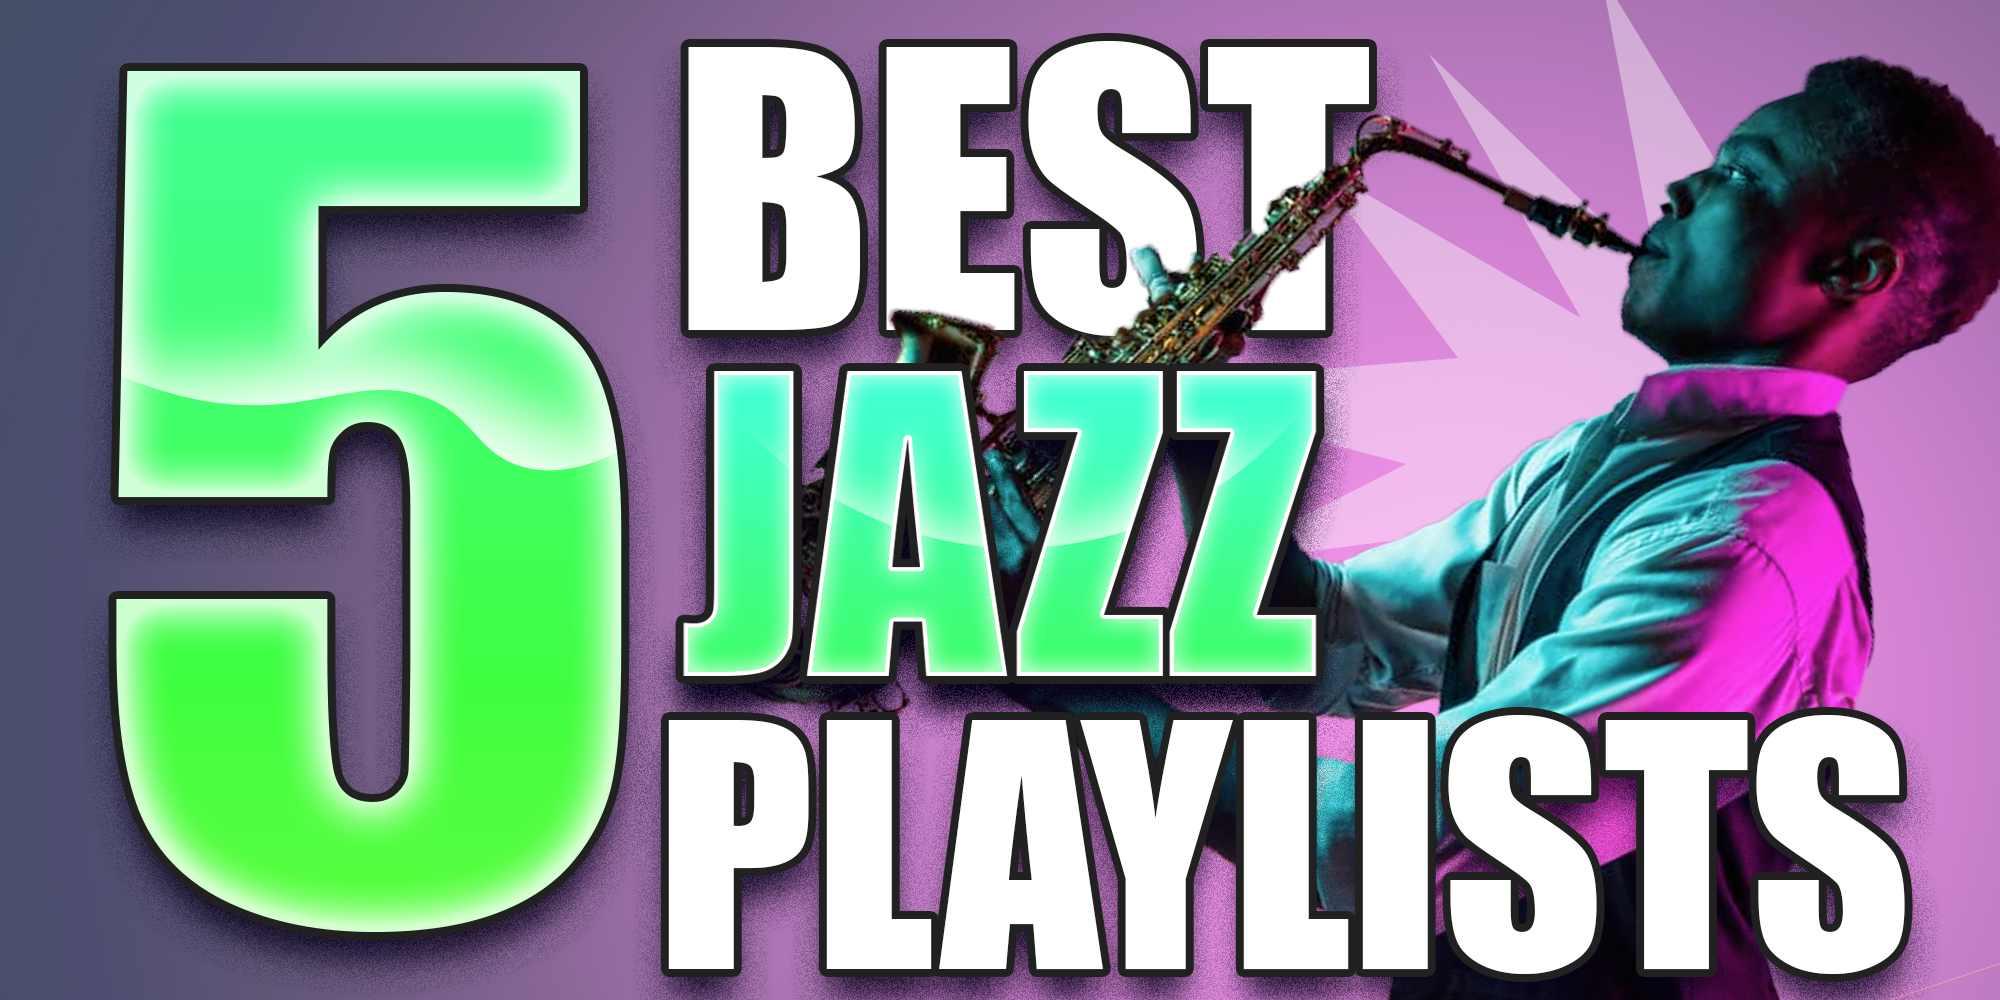 5 best jazz spotify playlists